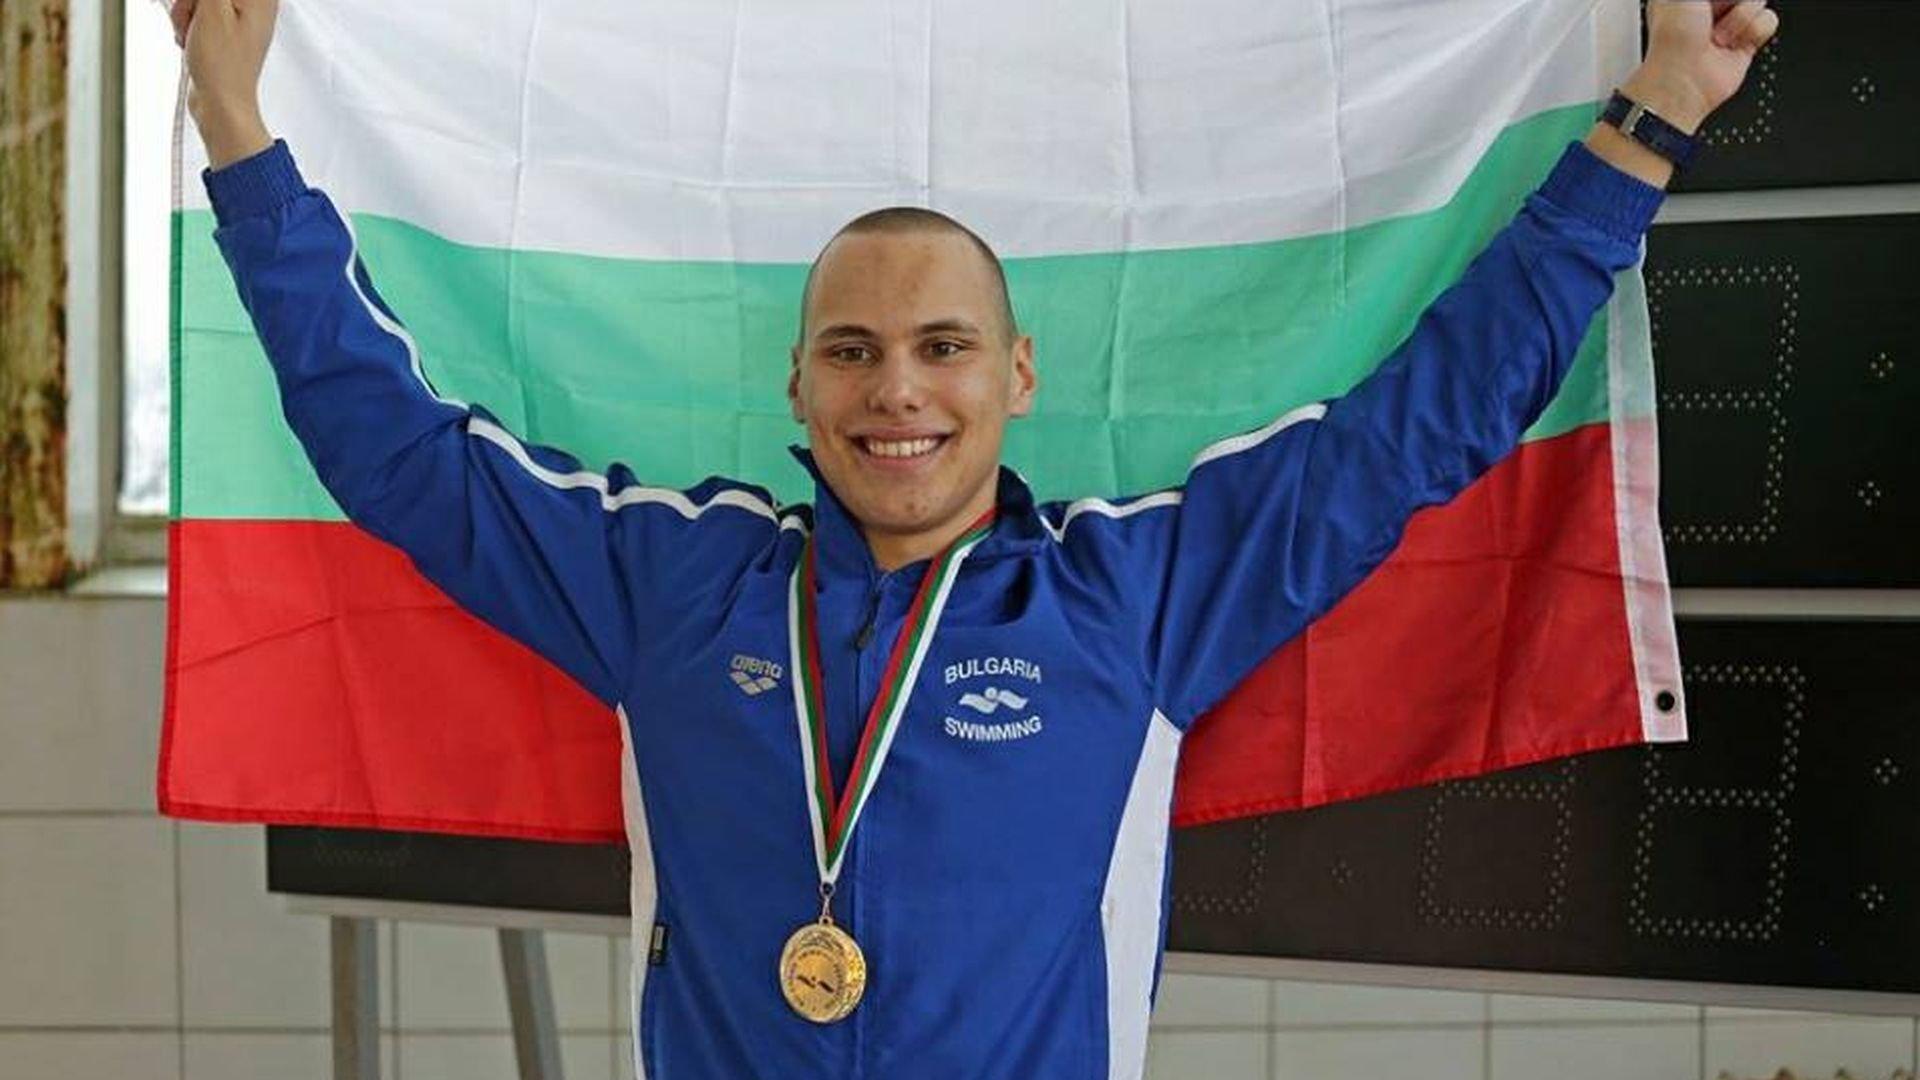 Антъни Иванов влезе мощно във финала на Европейското по плуване